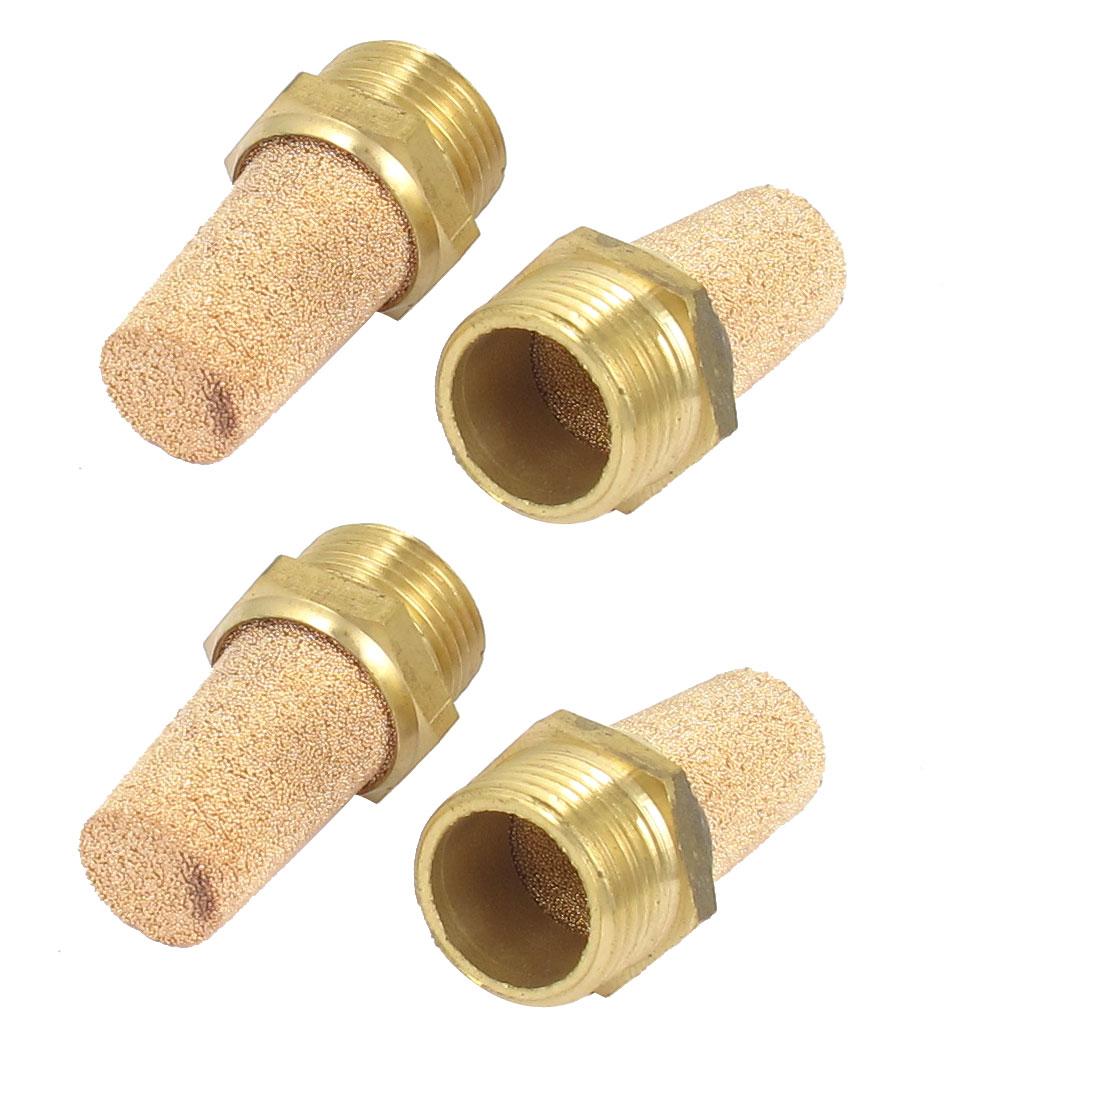 3/8BSP Thread Sintered Brass Pneumatic Air Exhaust Silencer Muffler 4pcs